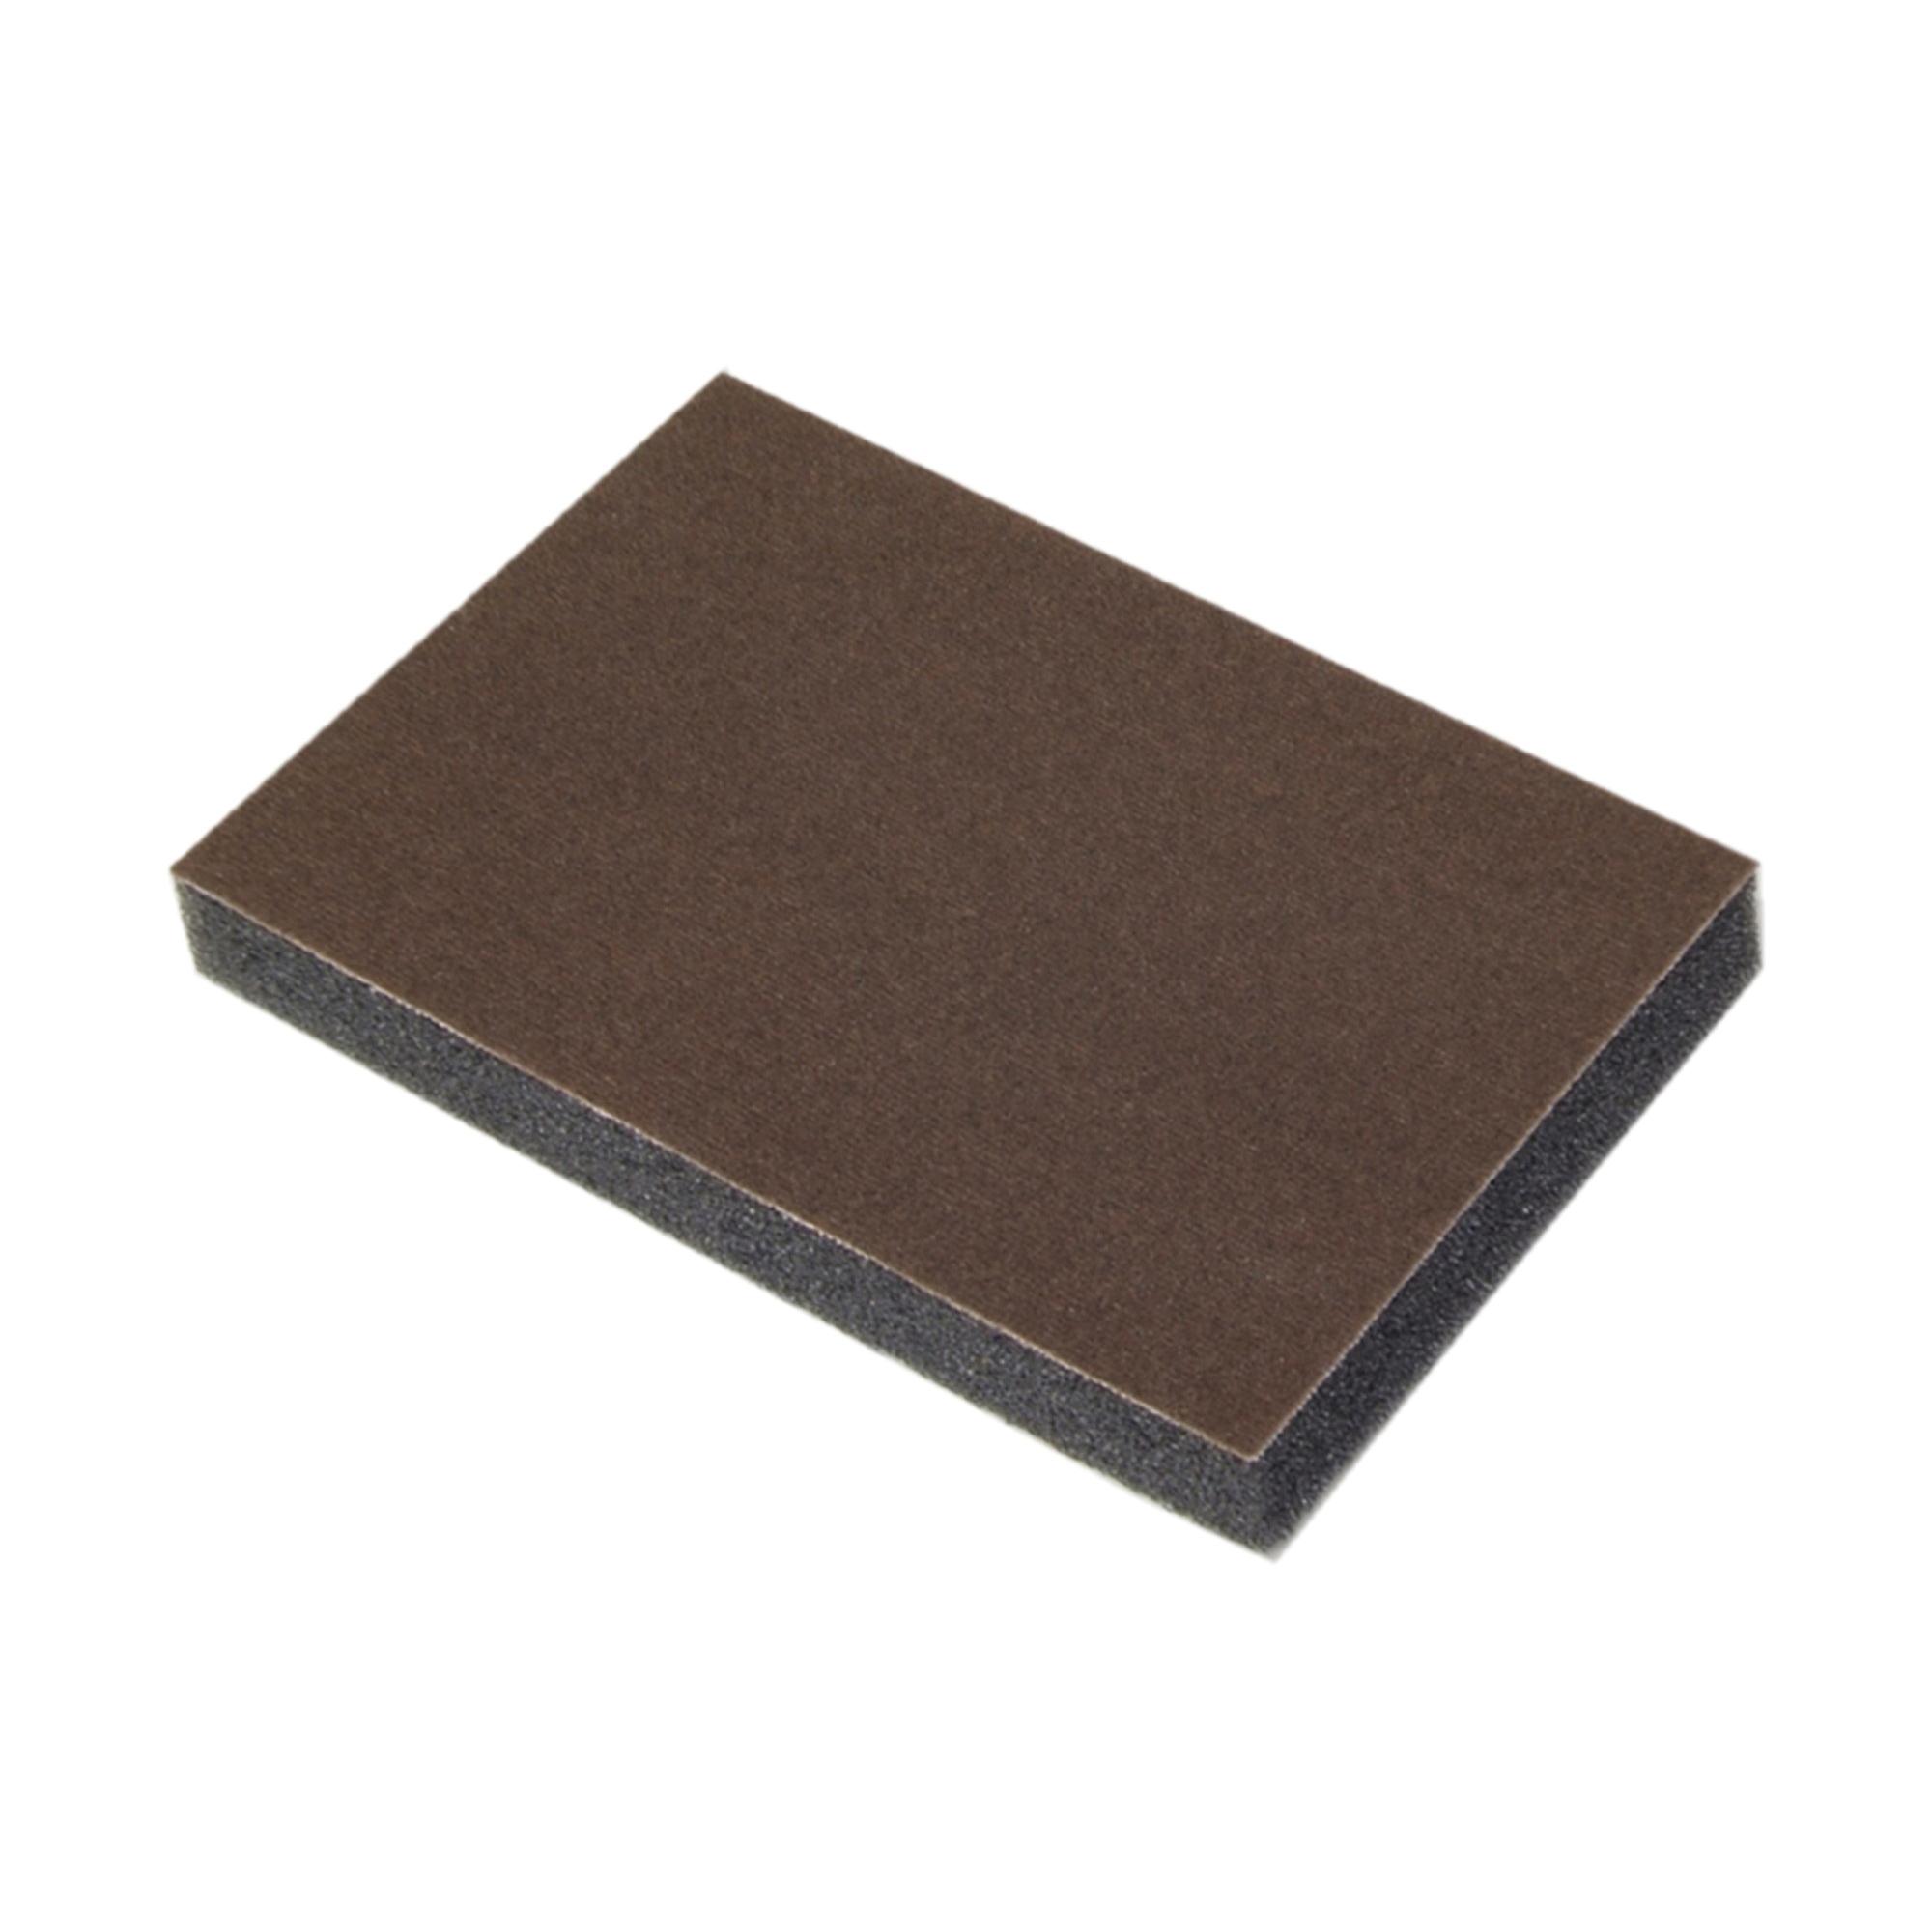 Norton® 07660700947 Economy Flexible Sanding Sponge, 4 in L x 3 in W x 1/2 in THK, 100 Grit, Medium Grade